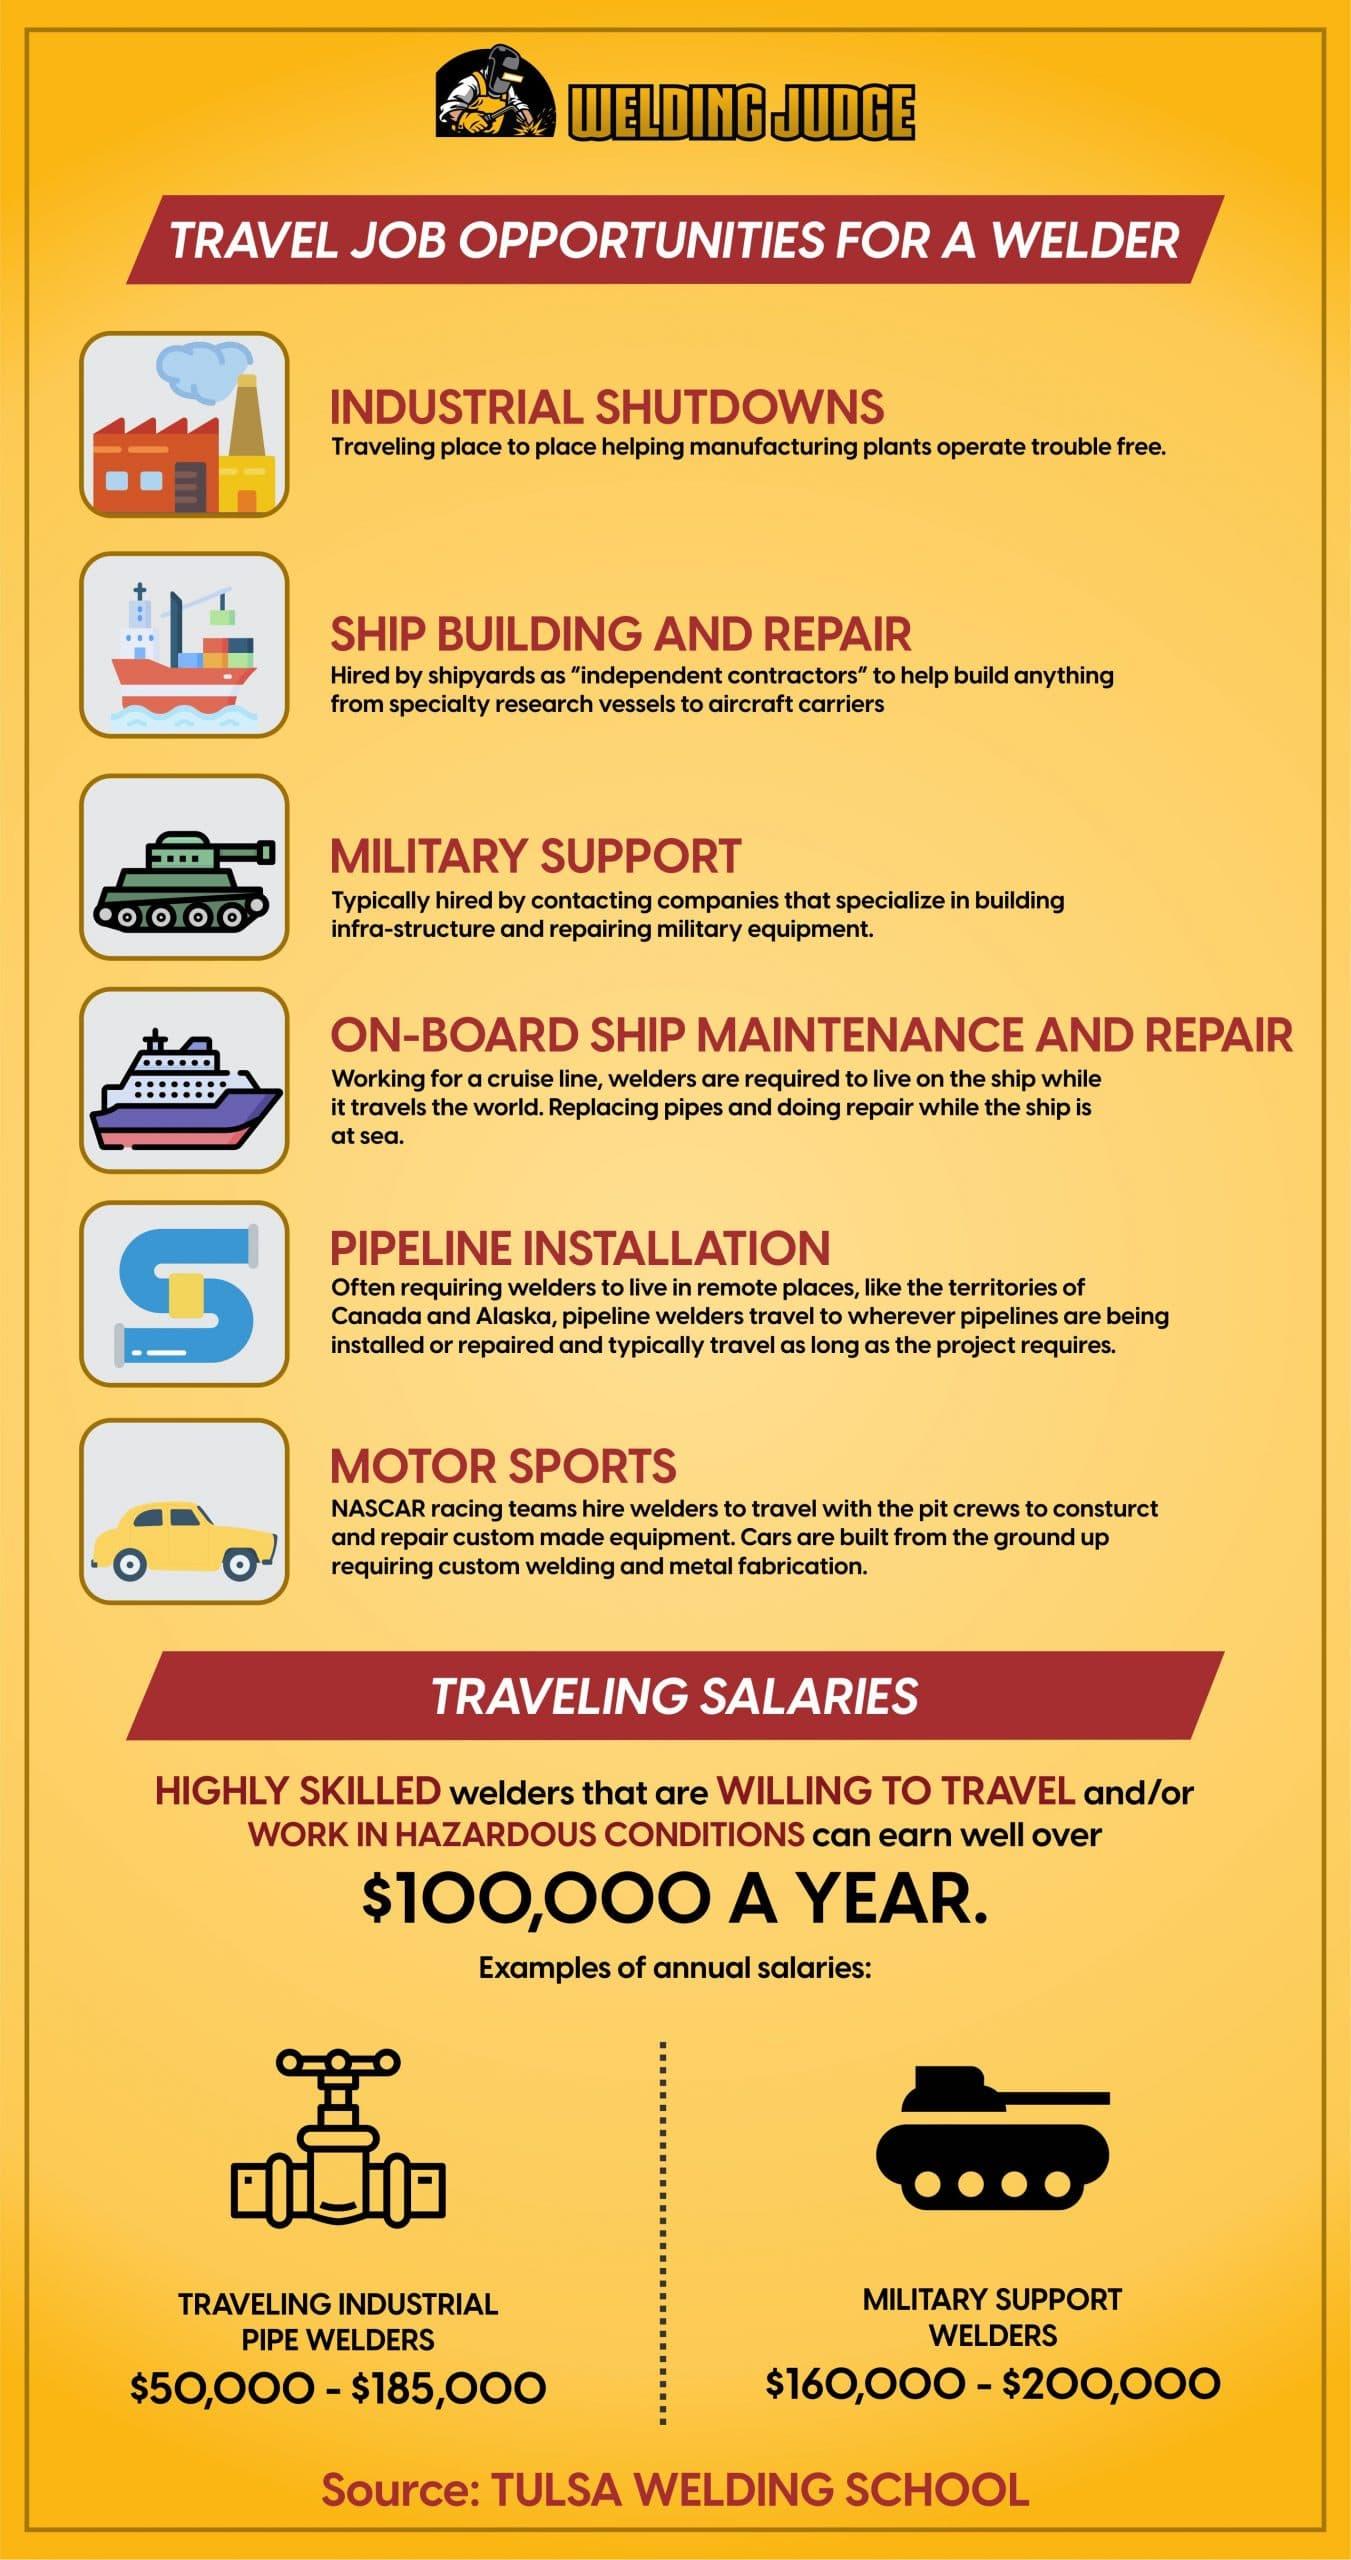 Travel Jobs Opportunities for Welders